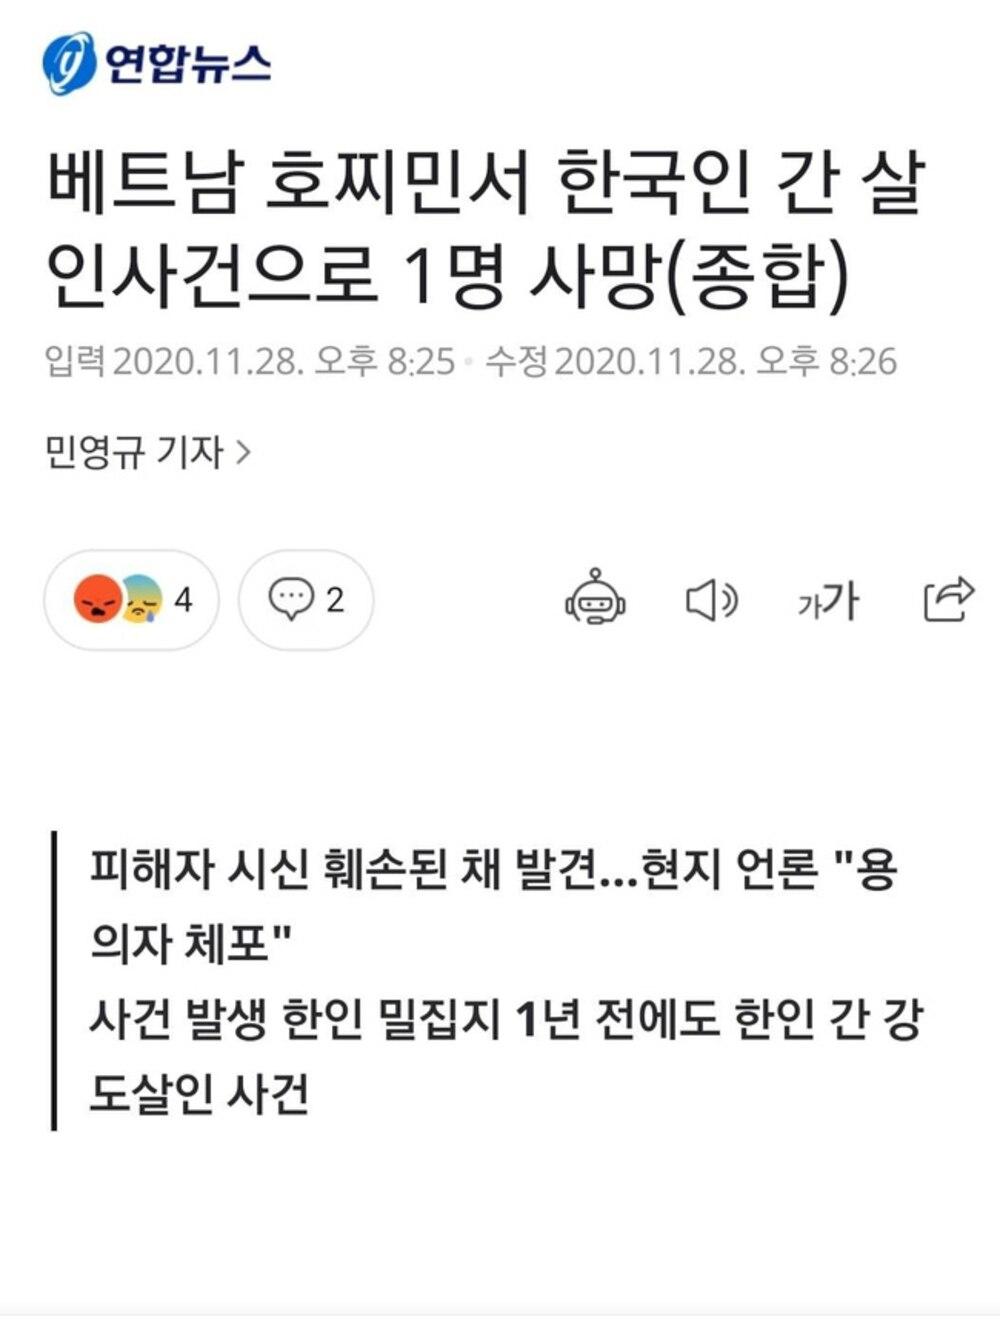 Thông tấn xã Yonhap Hàn Quốc đưa tin về vụ việc.